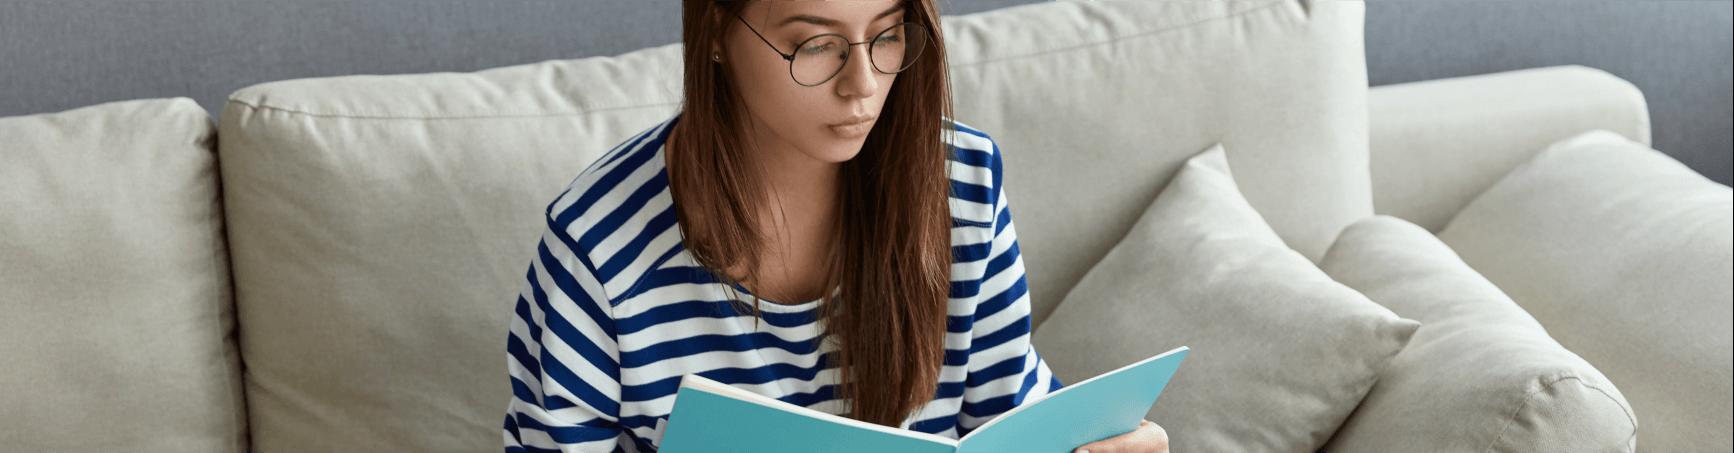 Cómo mantener la motivación de estudiar en la recta final de la PSU